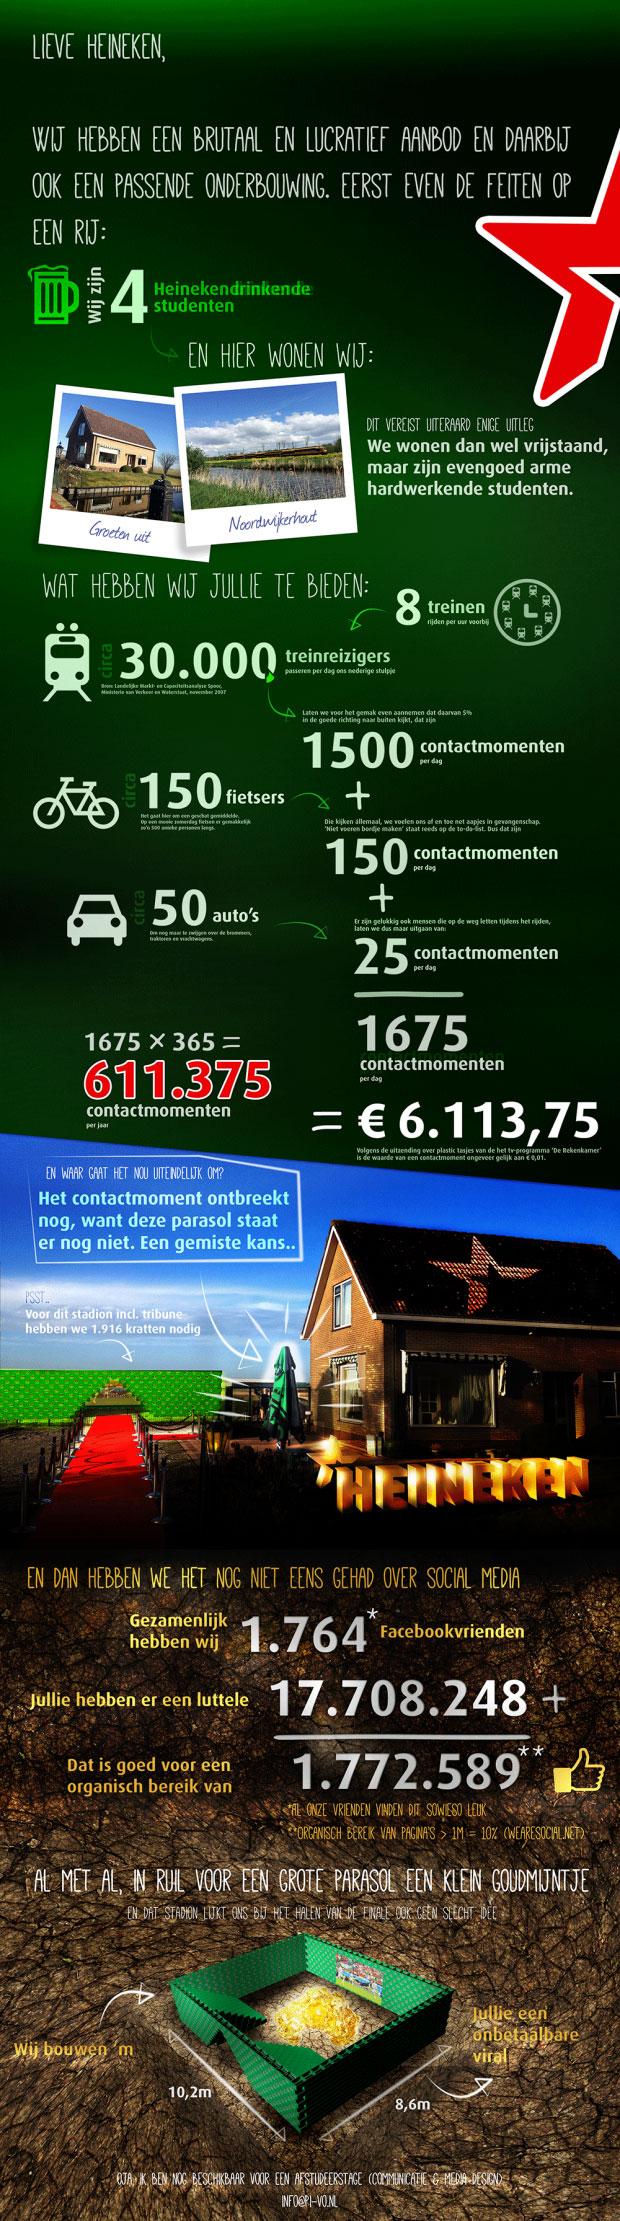 Infographic Studenten willen Heineken parasol